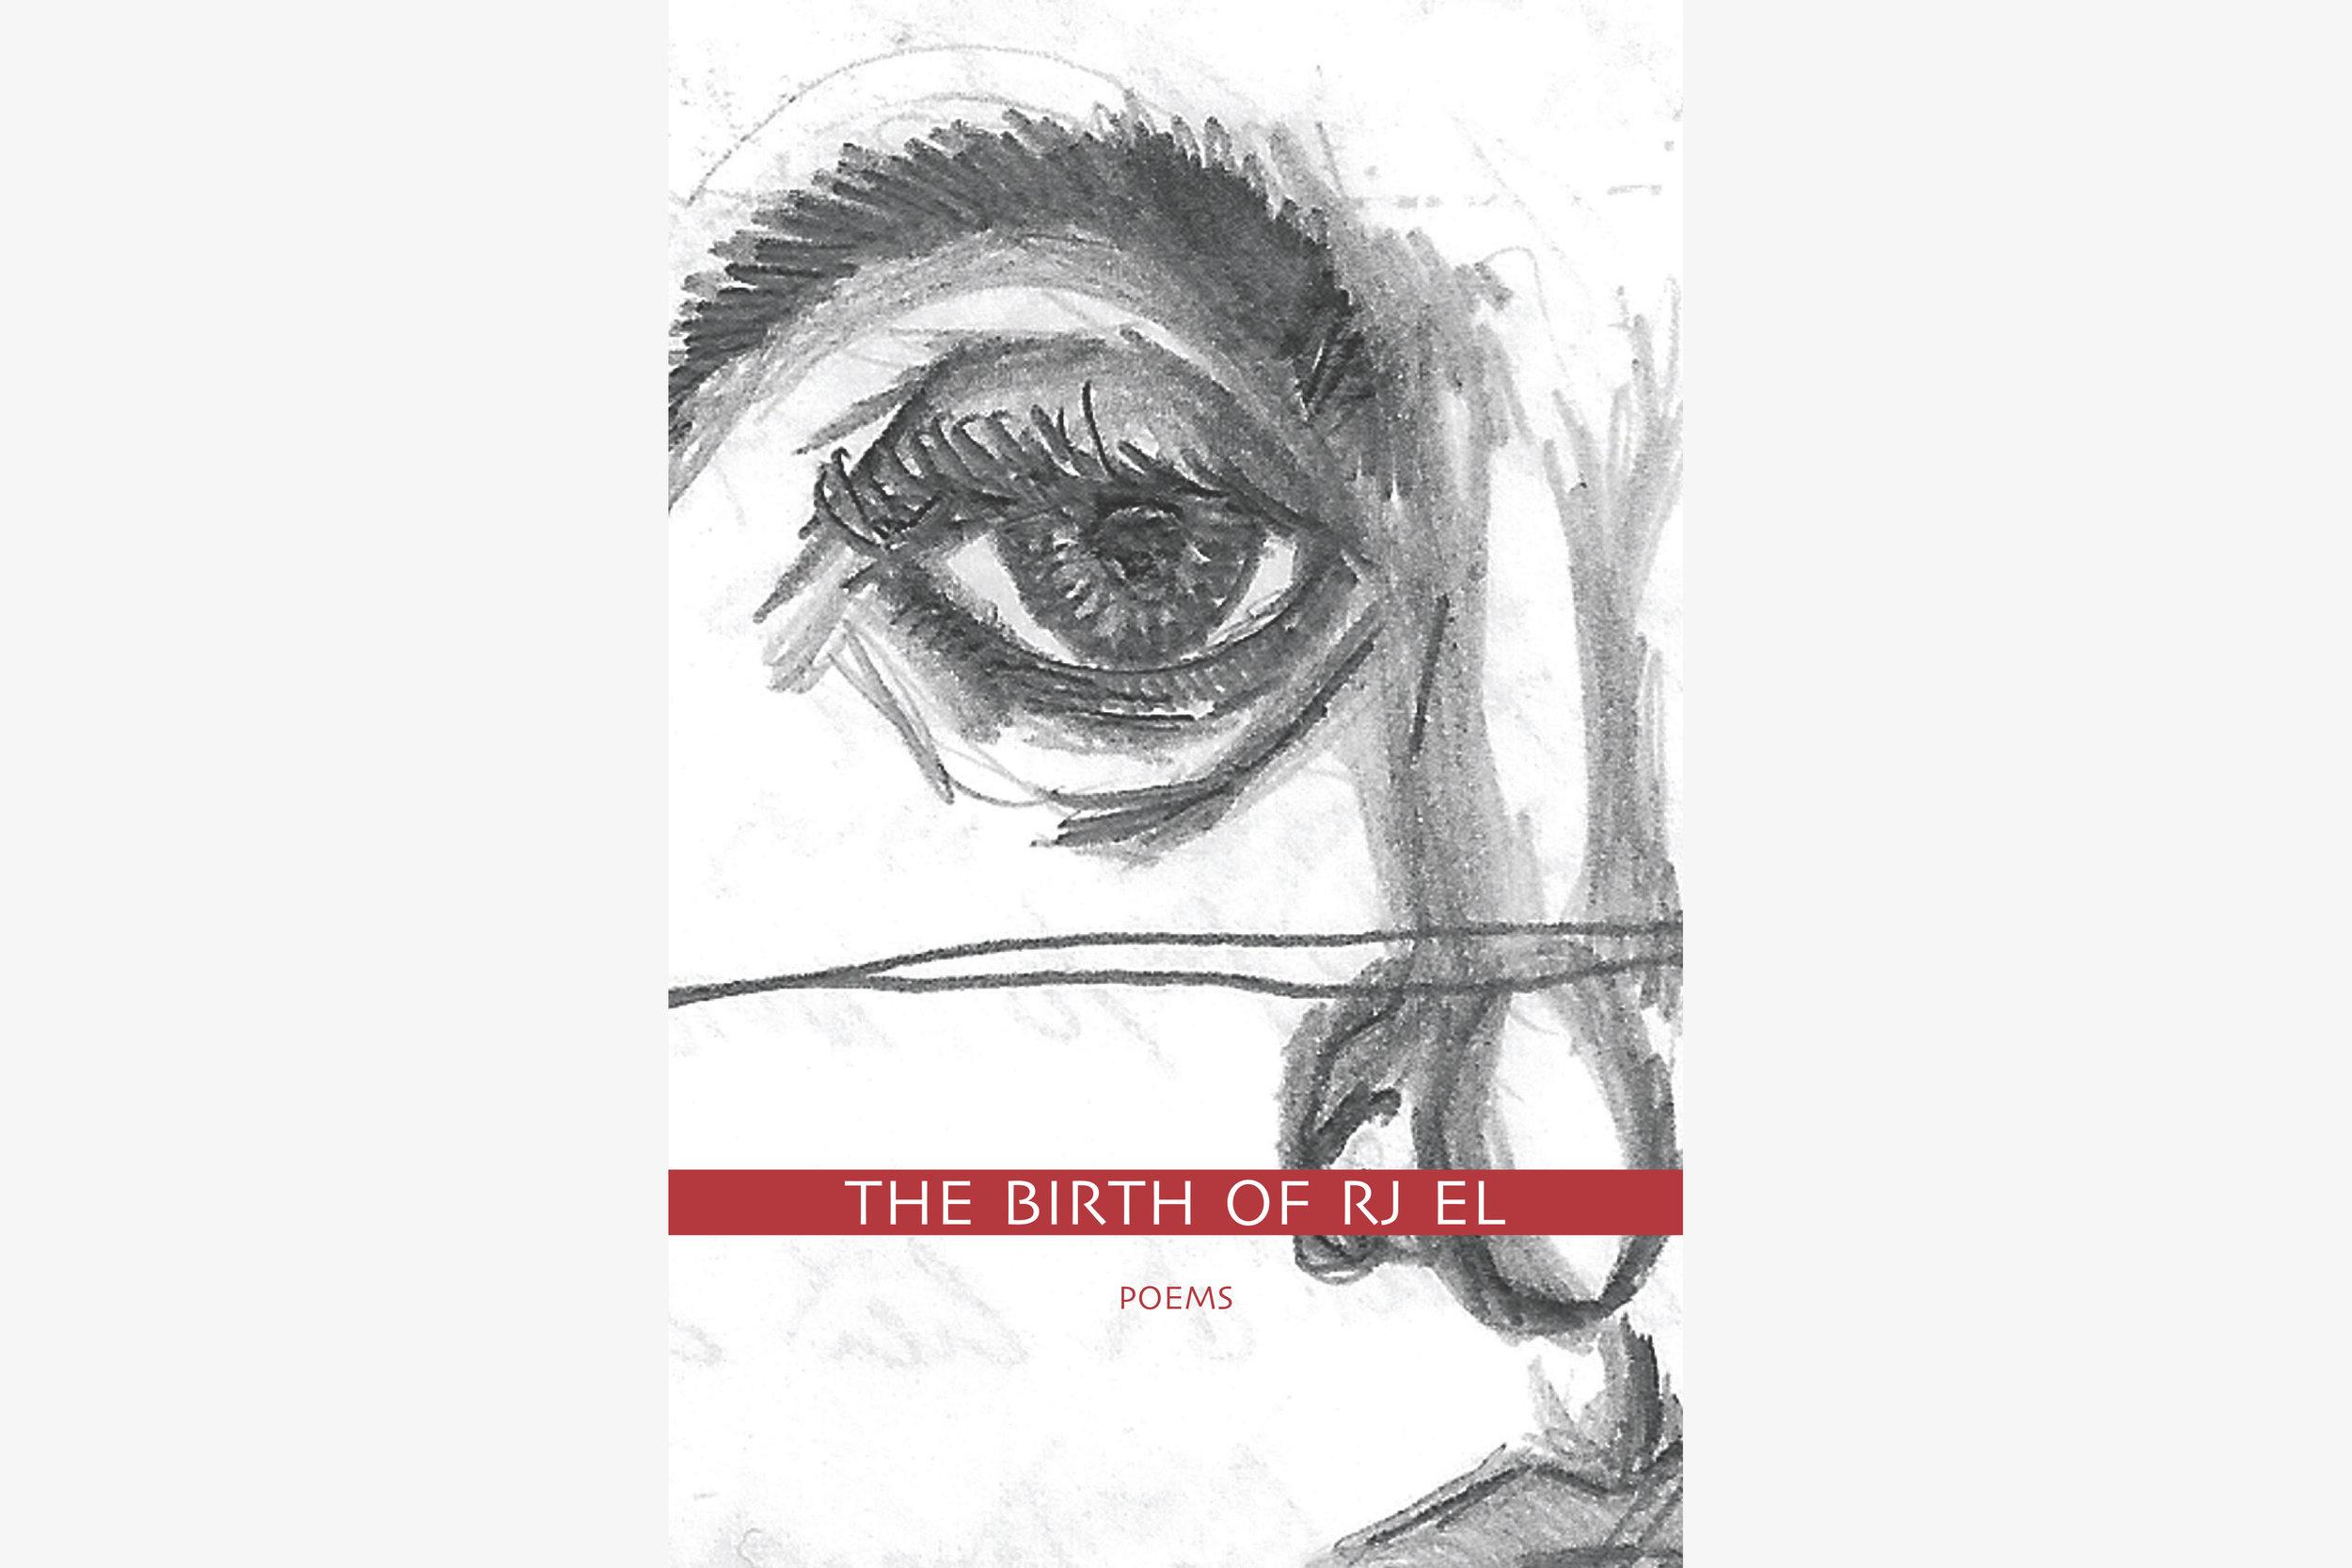 The Birth of RJ El (dragged).jpg